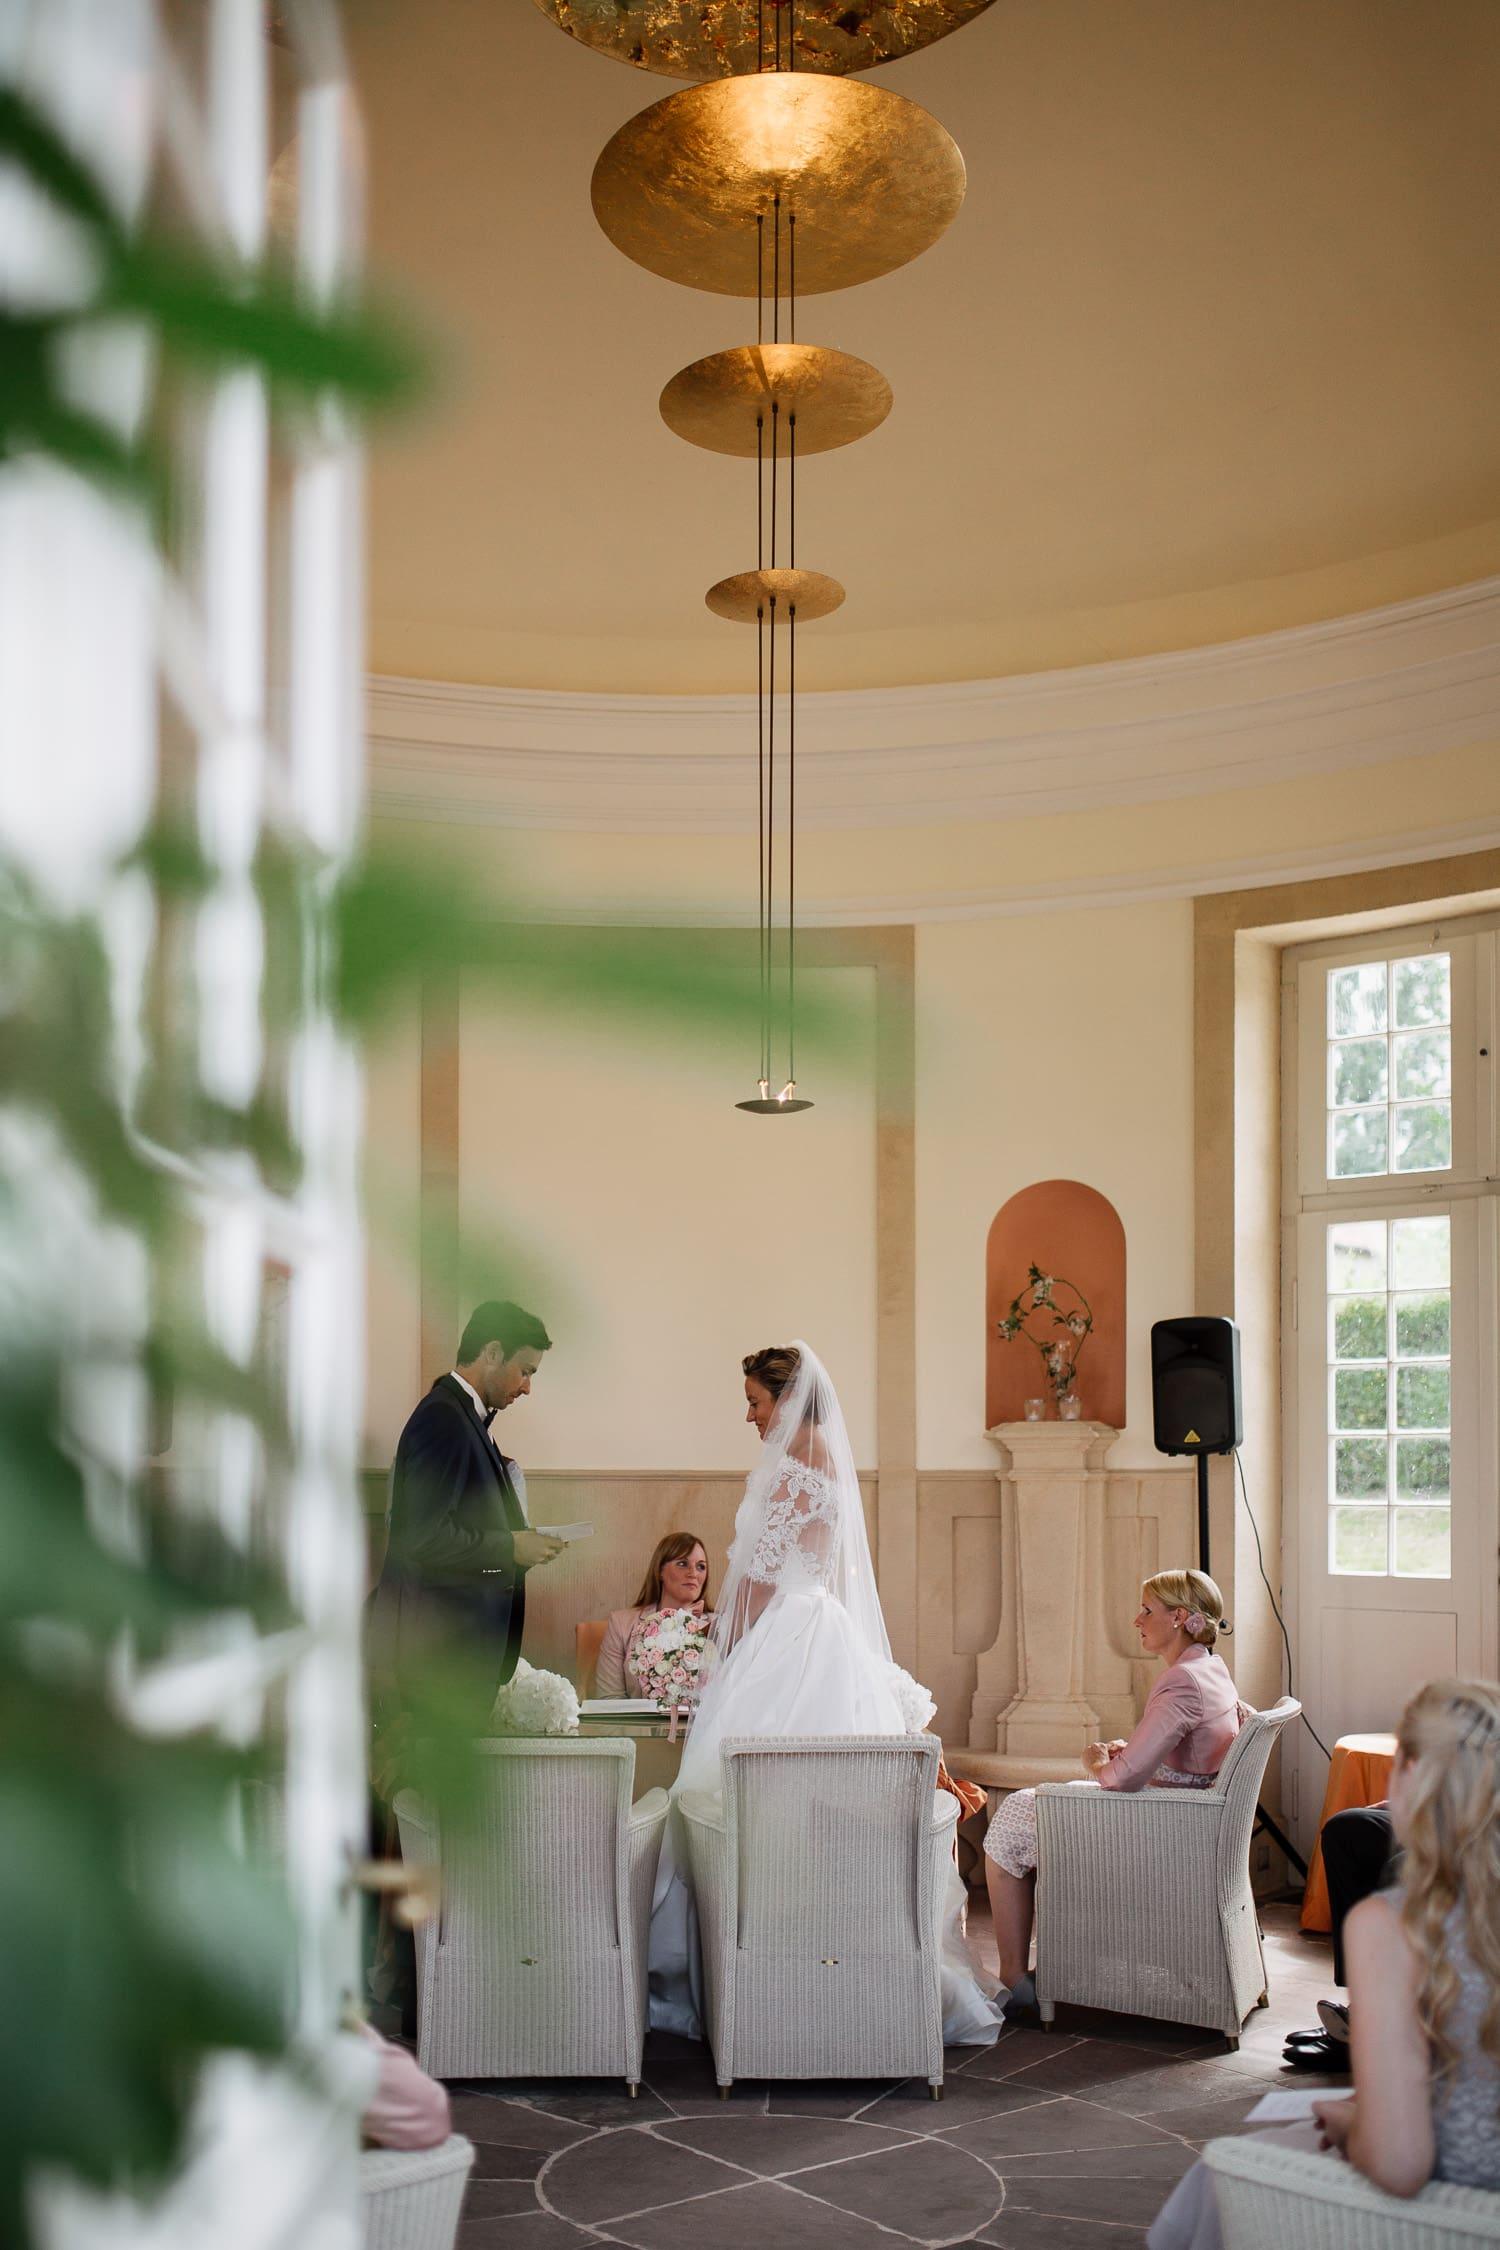 Julia-Benno-Hochzeitsreportage-58b Märchen-Hochzeit auf Schloss Schwöbber Hochzeitreportage